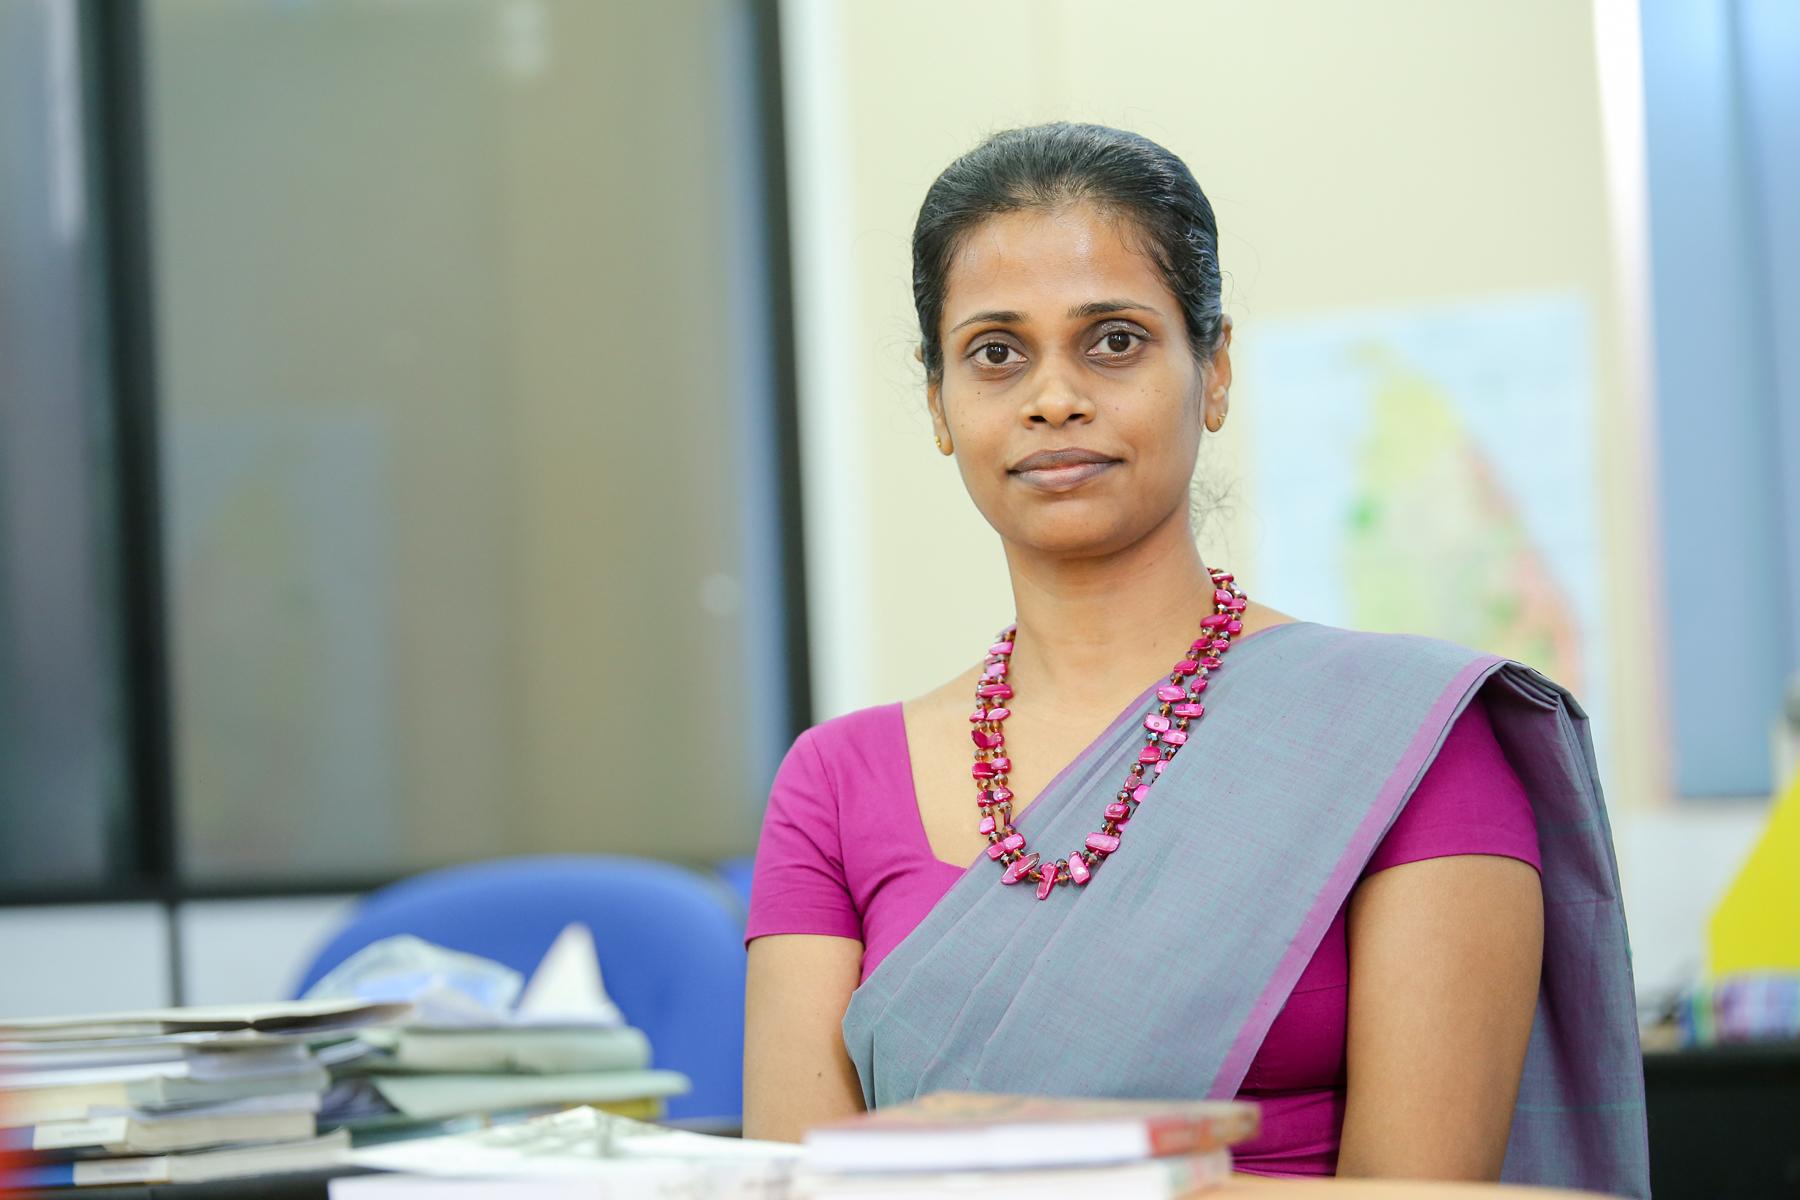 Dr. Samanthi Jayawardena